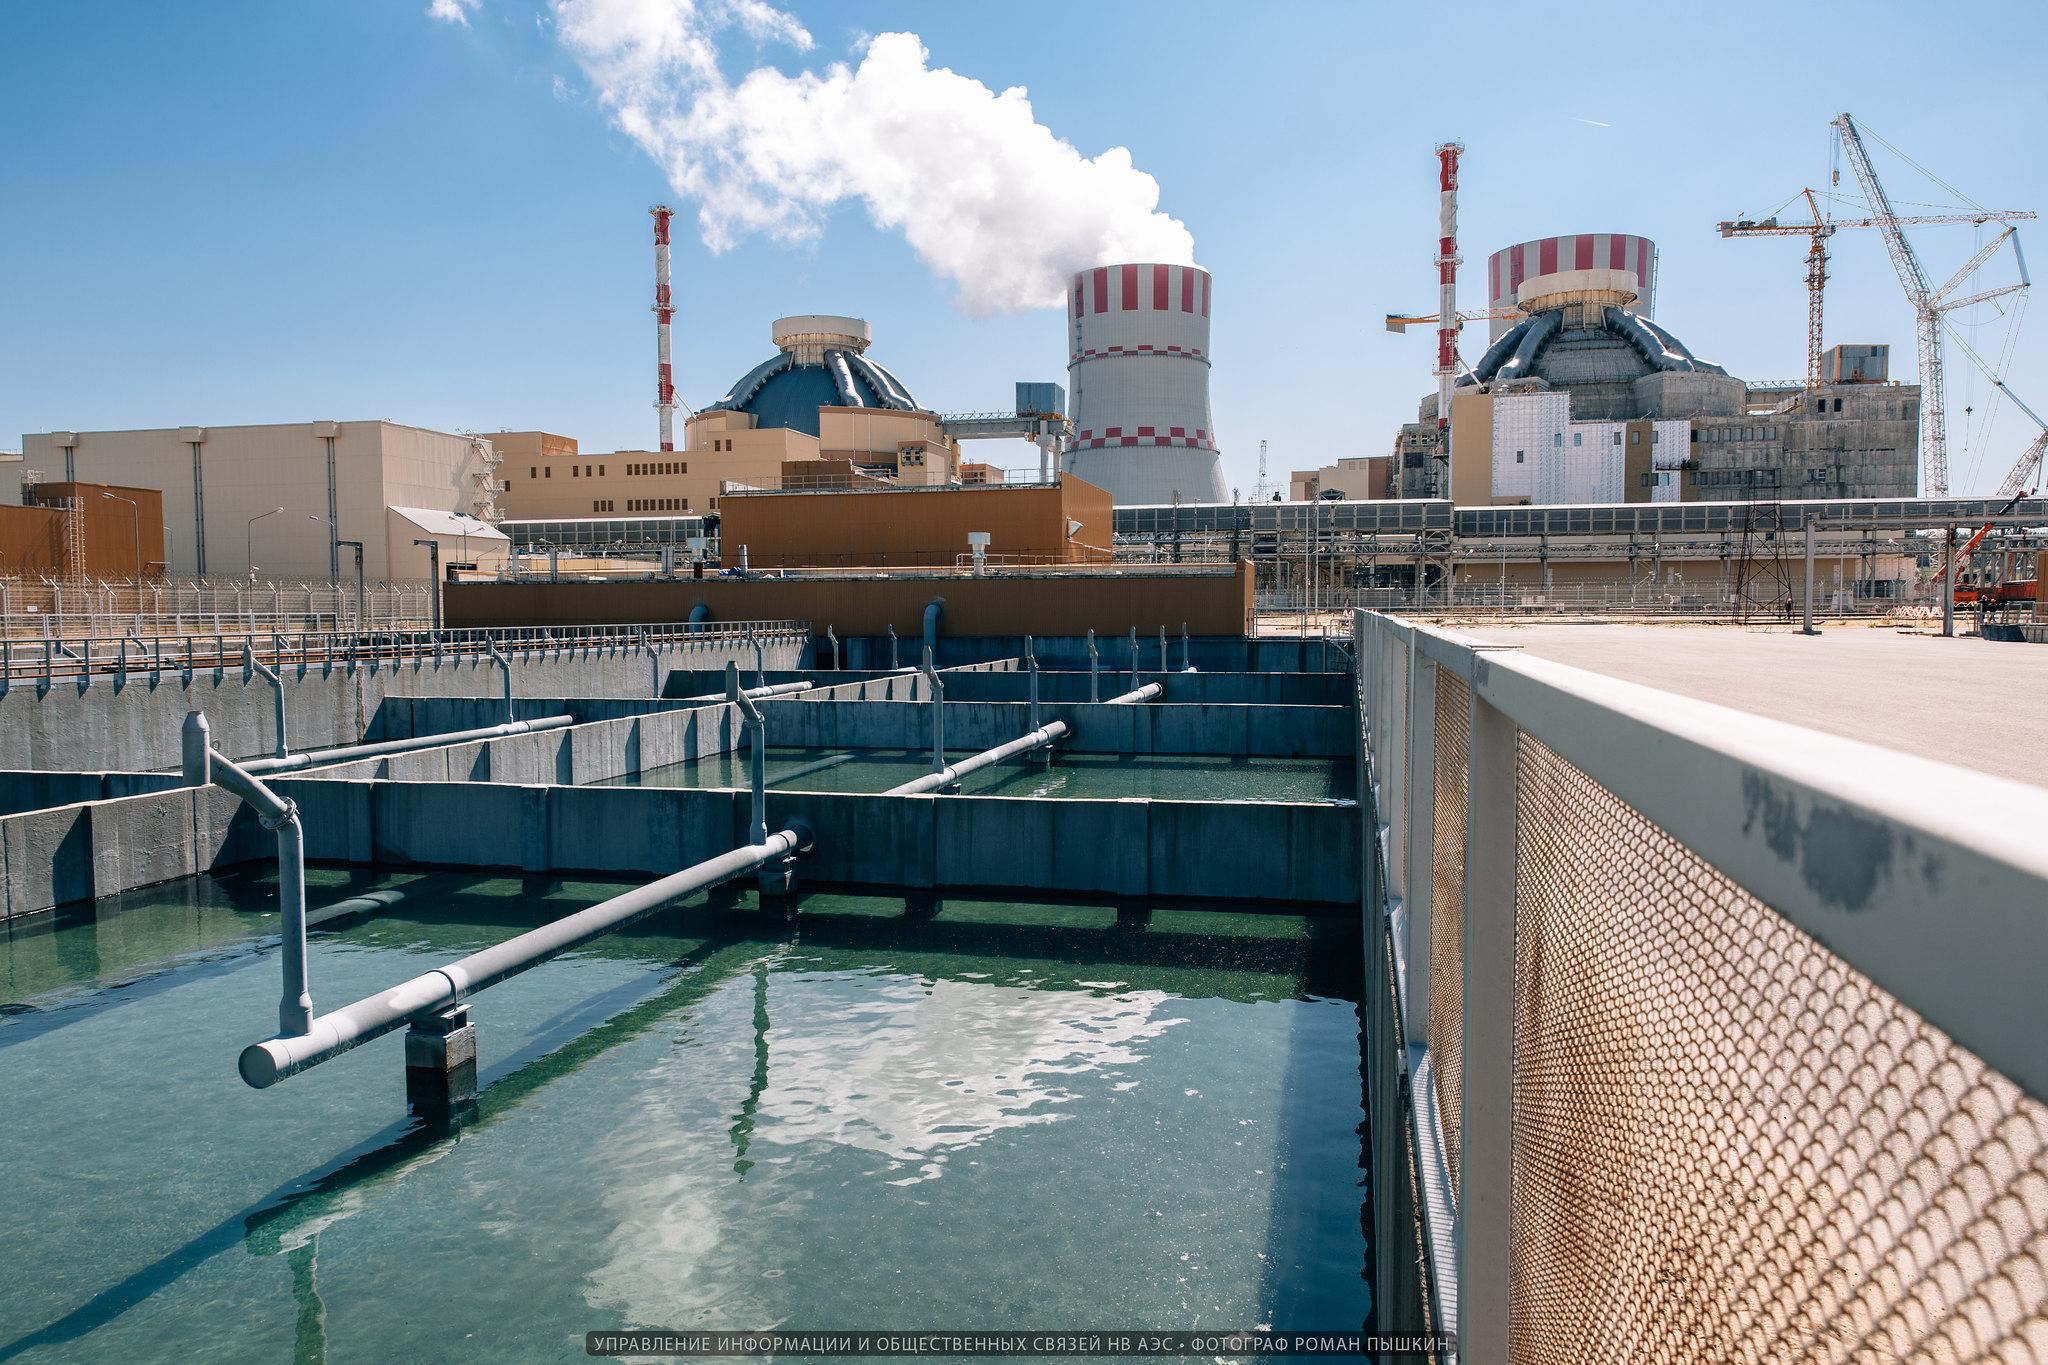 jaderná energie - První blok VVER-1200 se připravuje na regulovaný provoz - Zprávy (Jaderná elektrárna Novovoroněžská II 1) 2